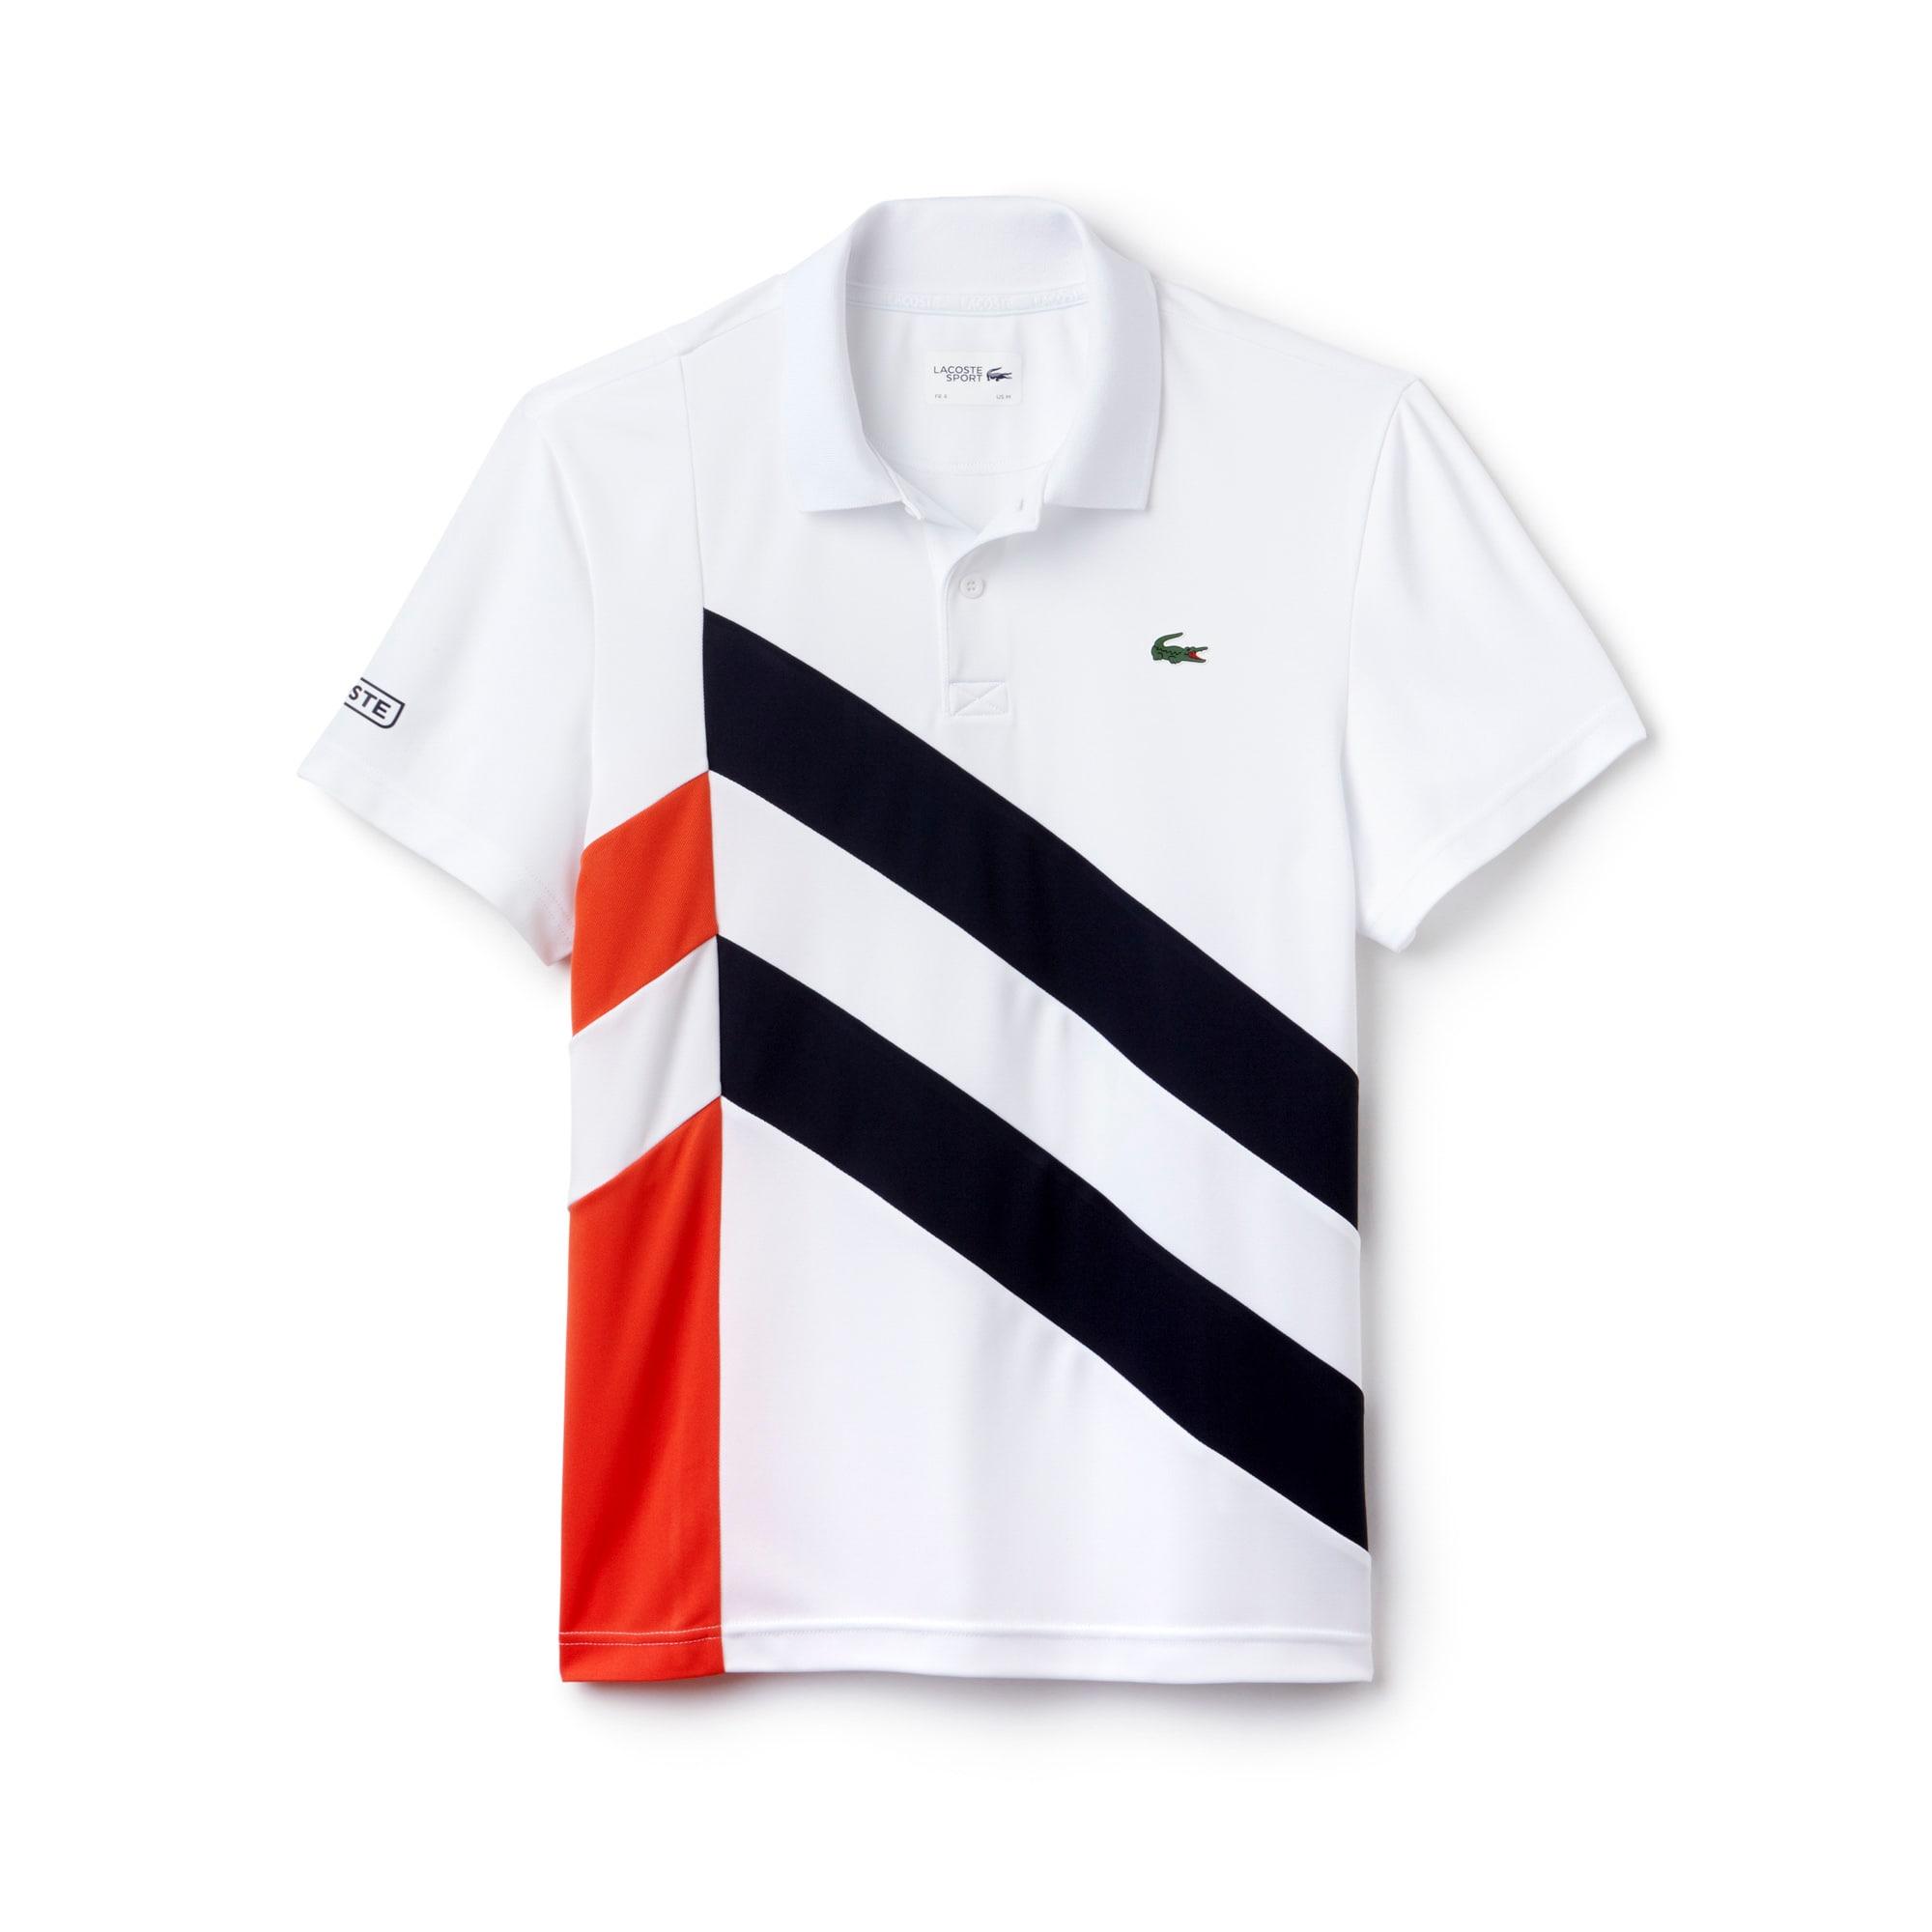 قميص تنس بولو من قماش البيكيه العملي رياضي بألوان متعددة